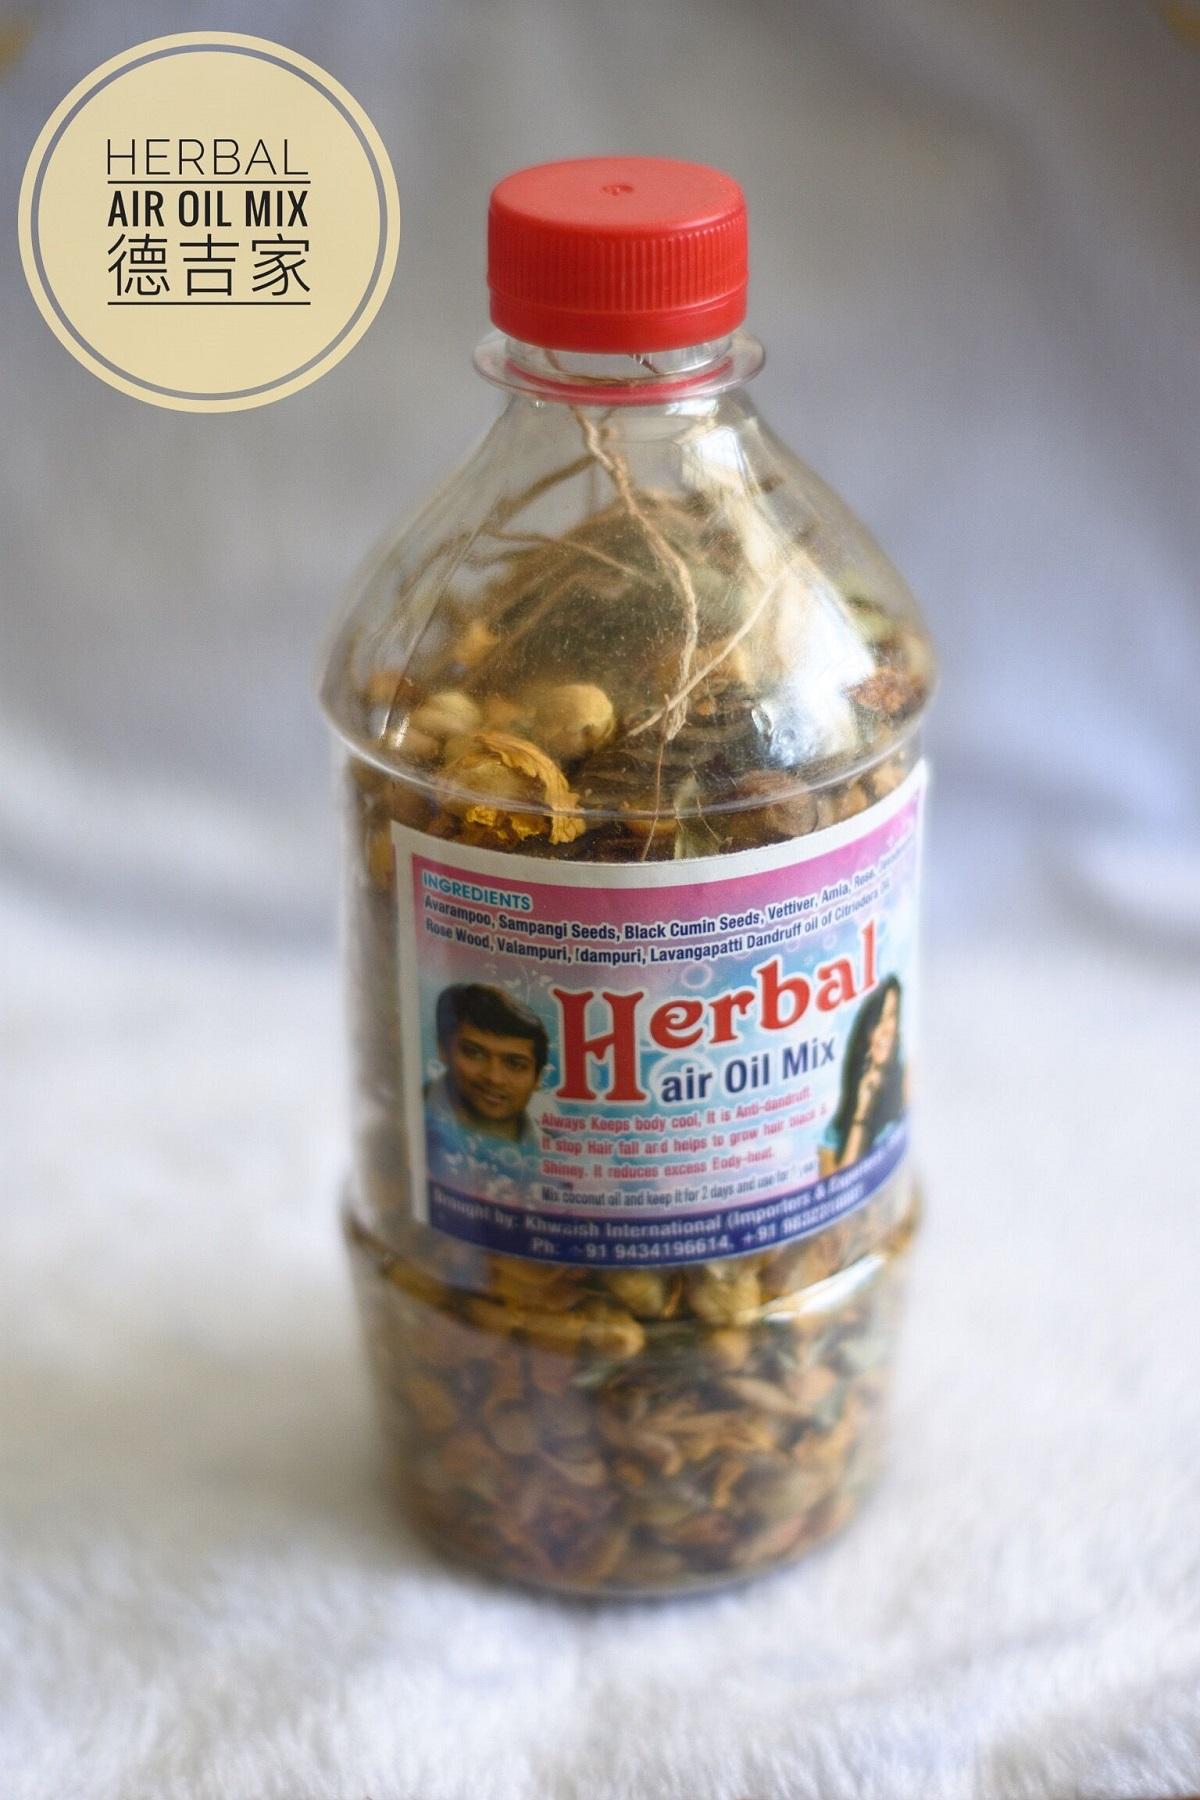 印度阿育吠陀头部护理 混合天然草药配方 促进生长 滋养护发 包邮